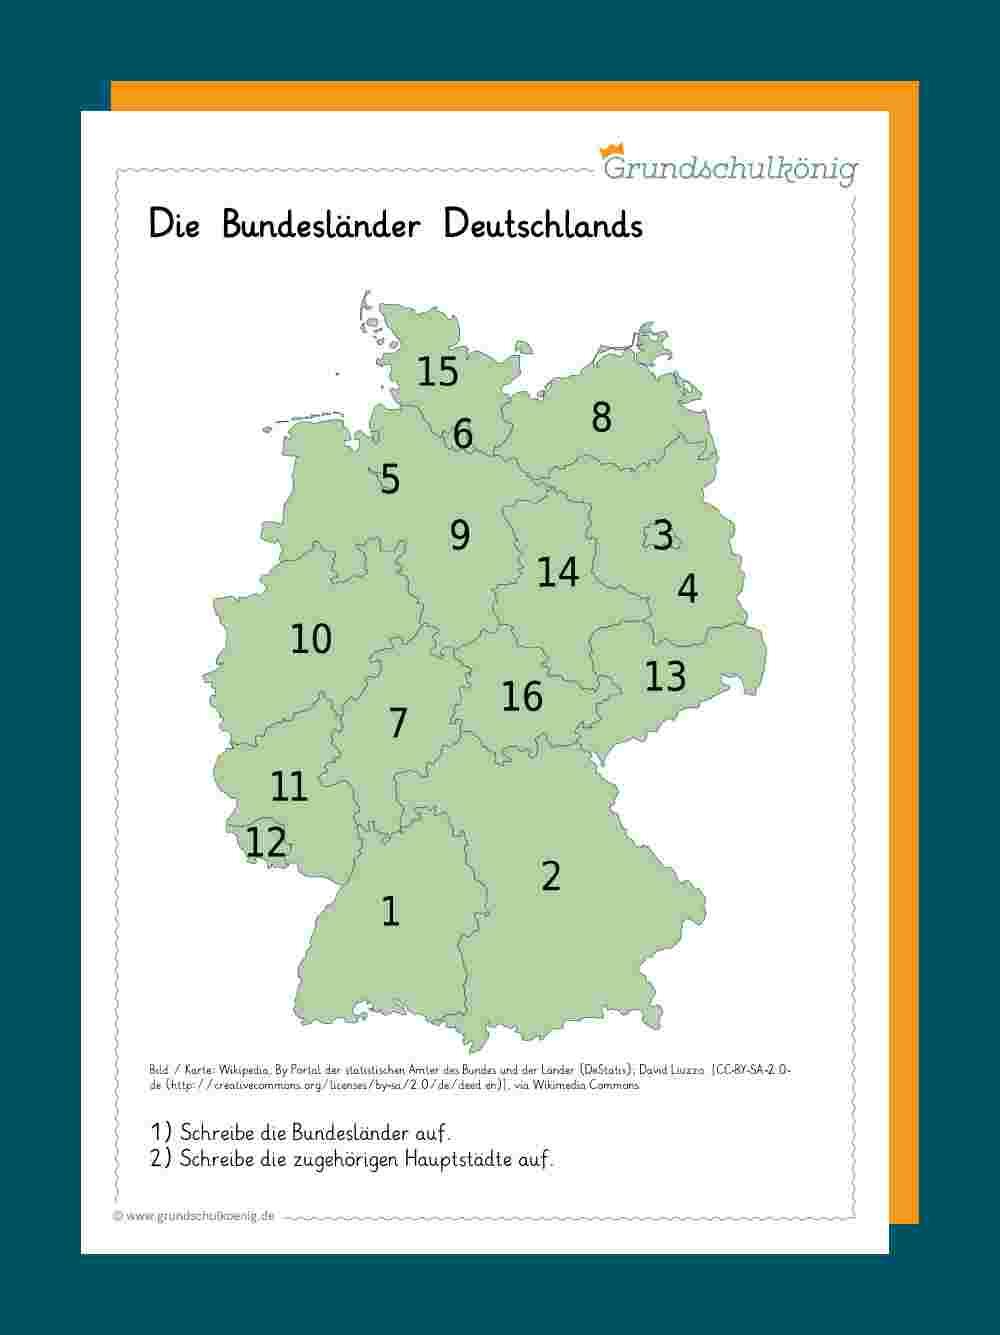 Deutschland über Deutschland Bundesländer Mit Hauptstädten